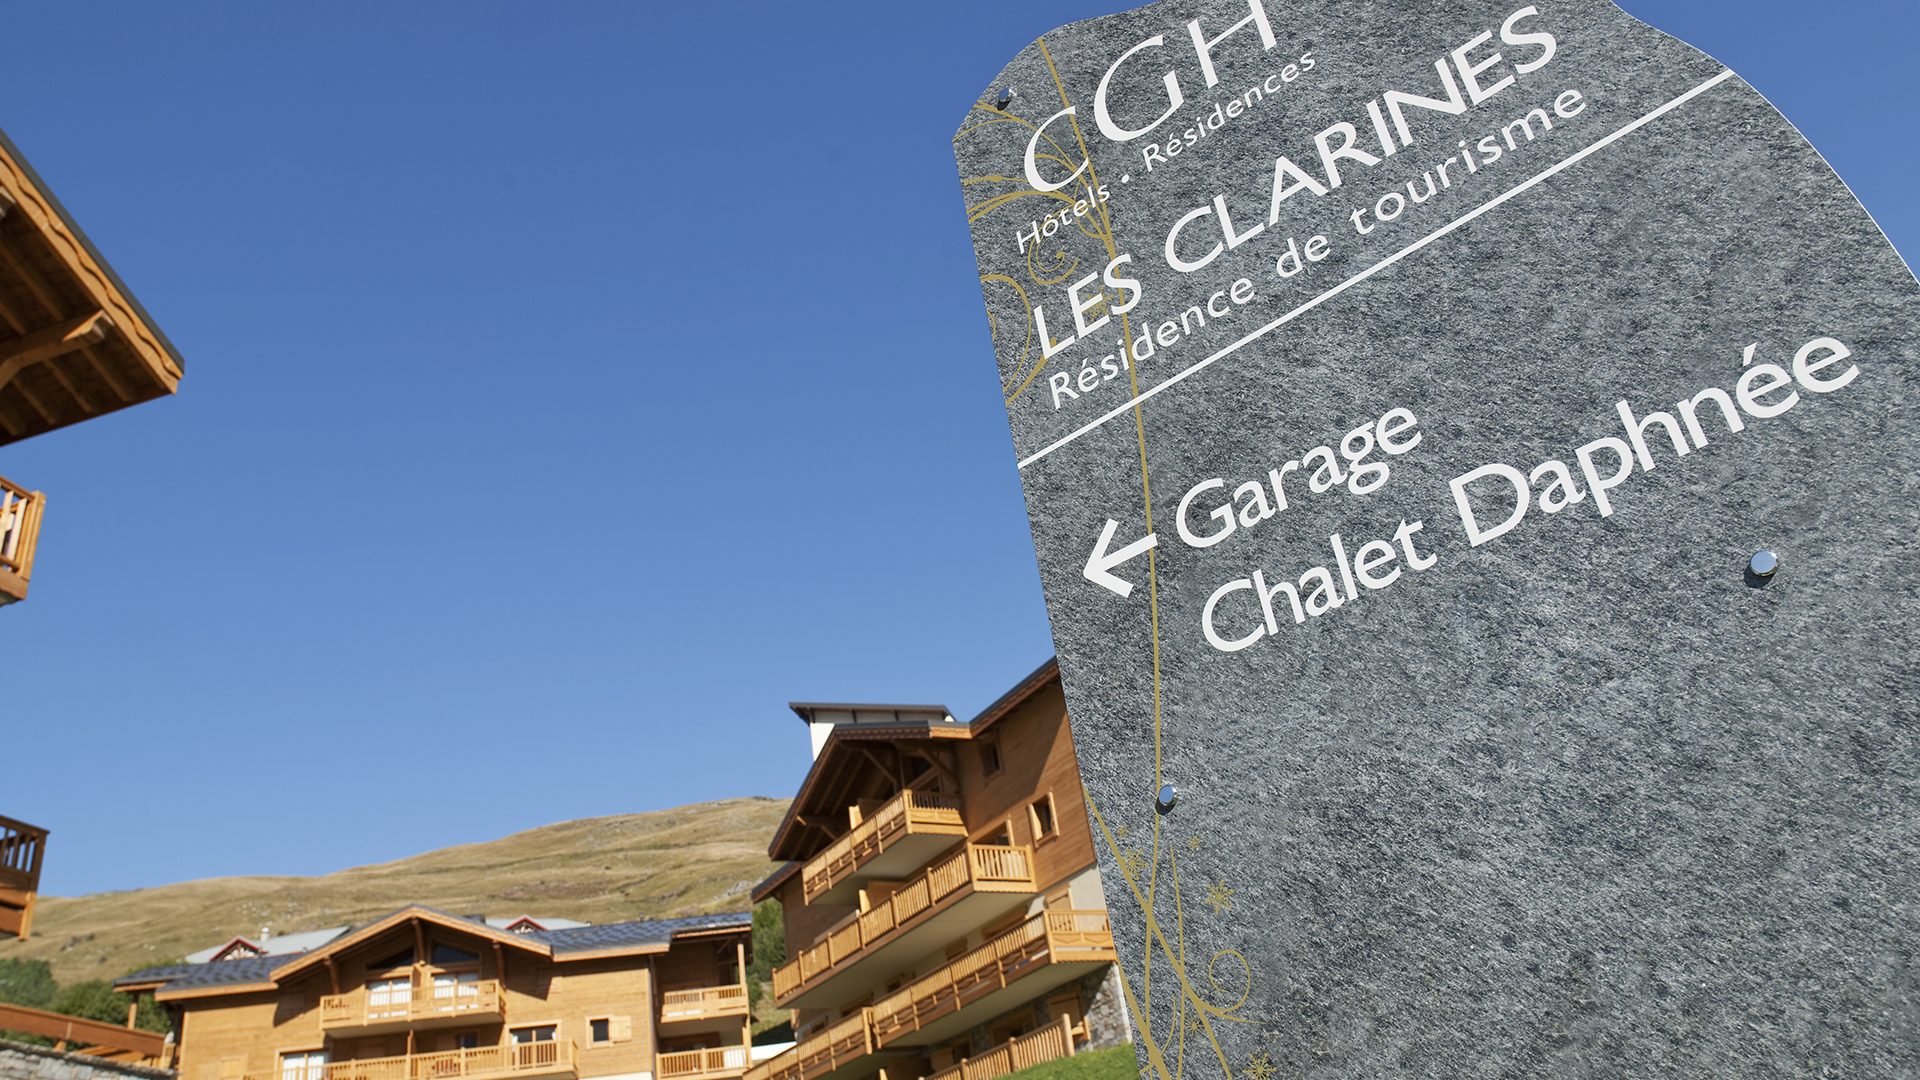 Extérieur été, Les Clarines - CGH Résidences